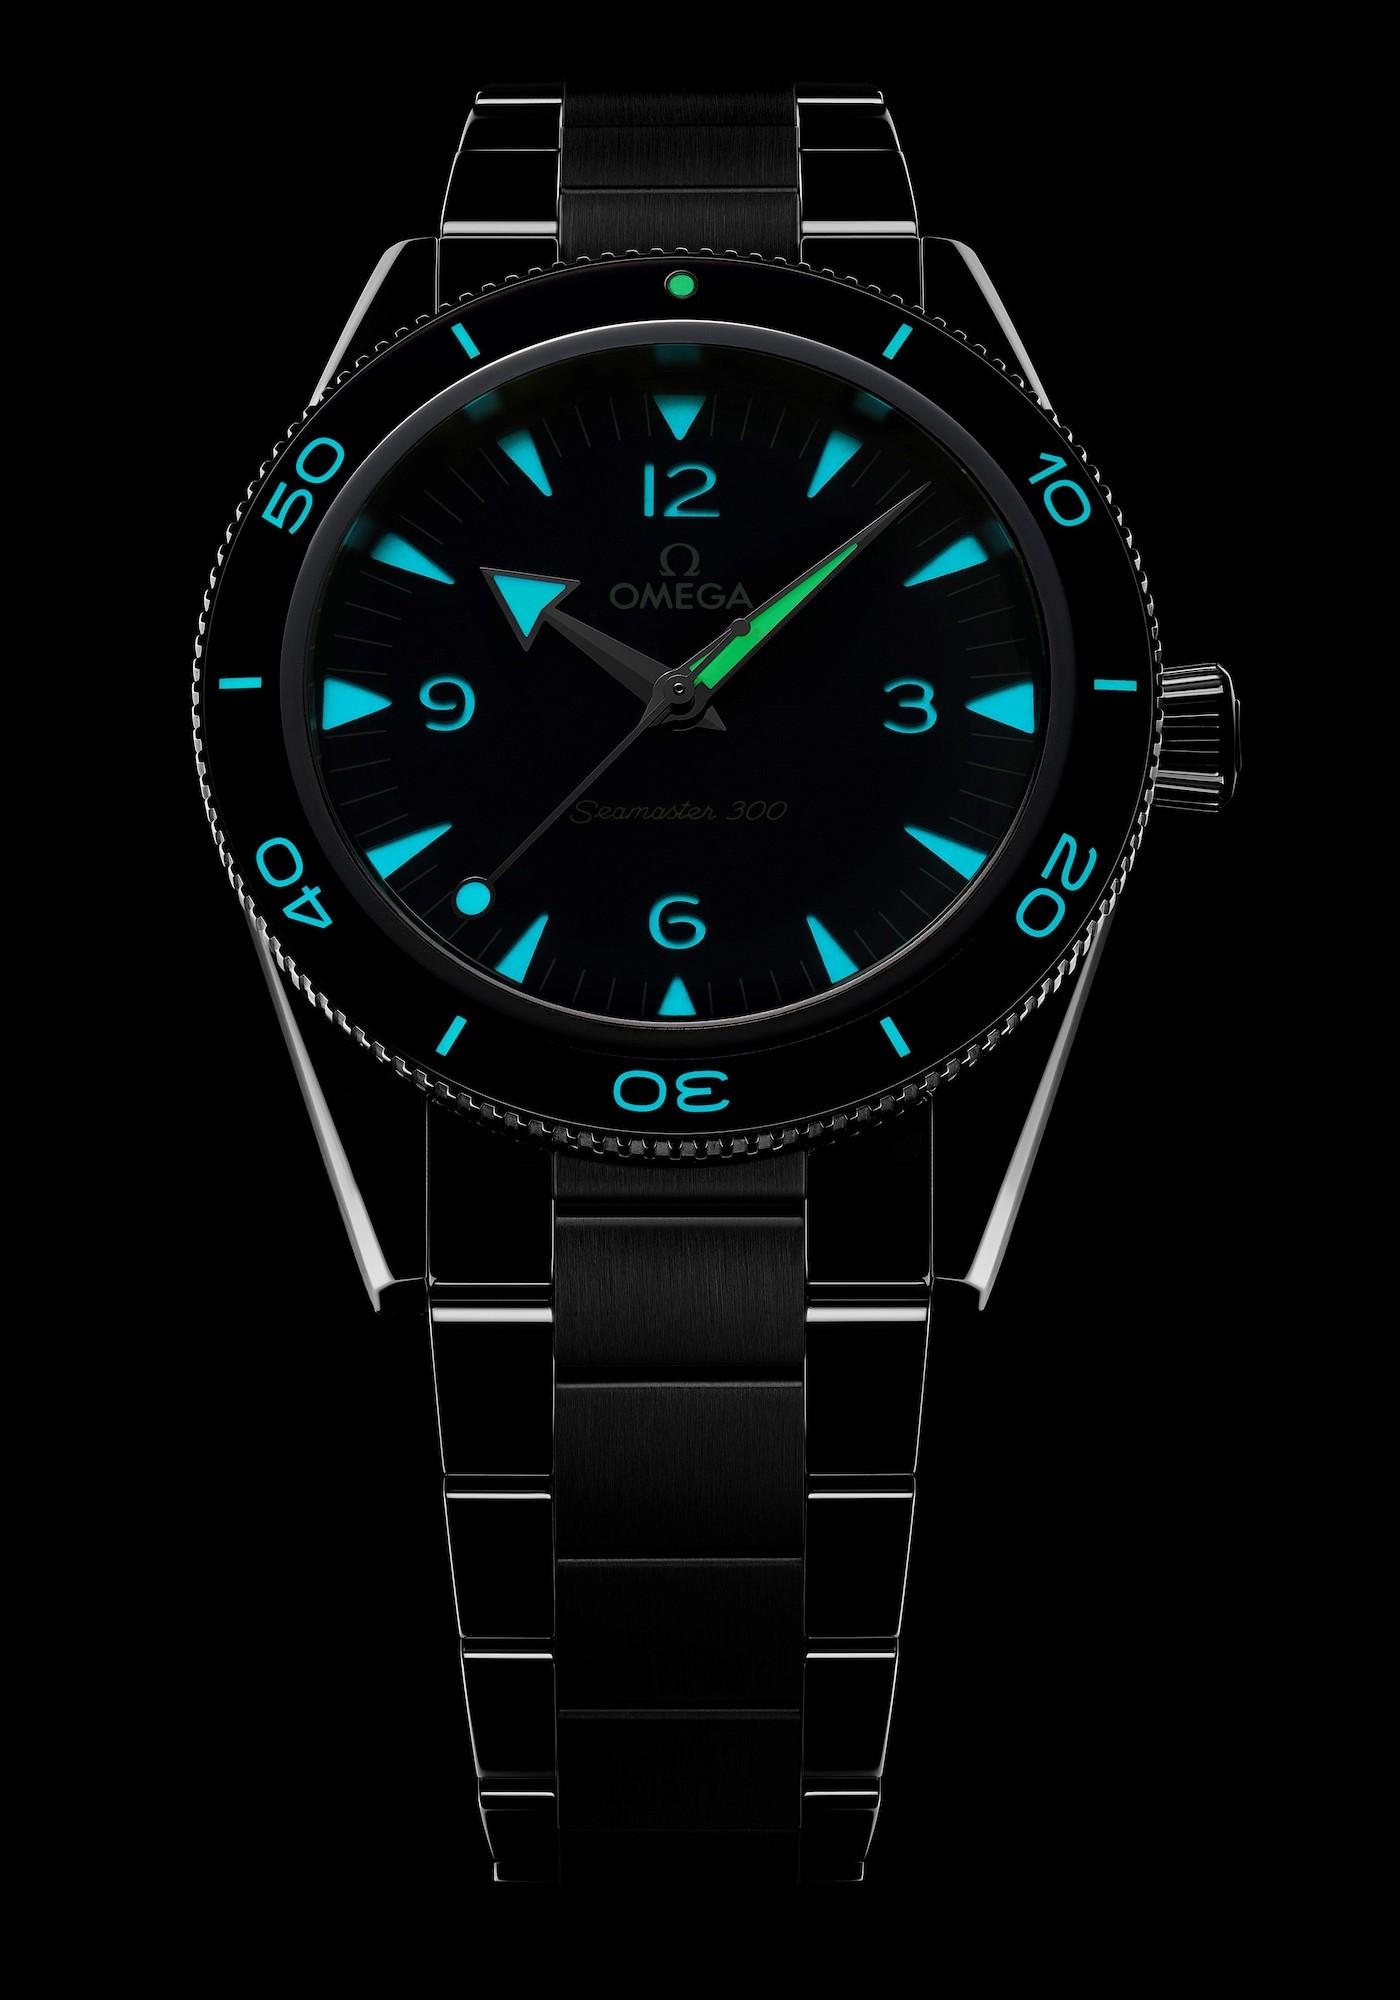 Omega Seamaster 300 234.30.41.21.03.001 luminiscencia